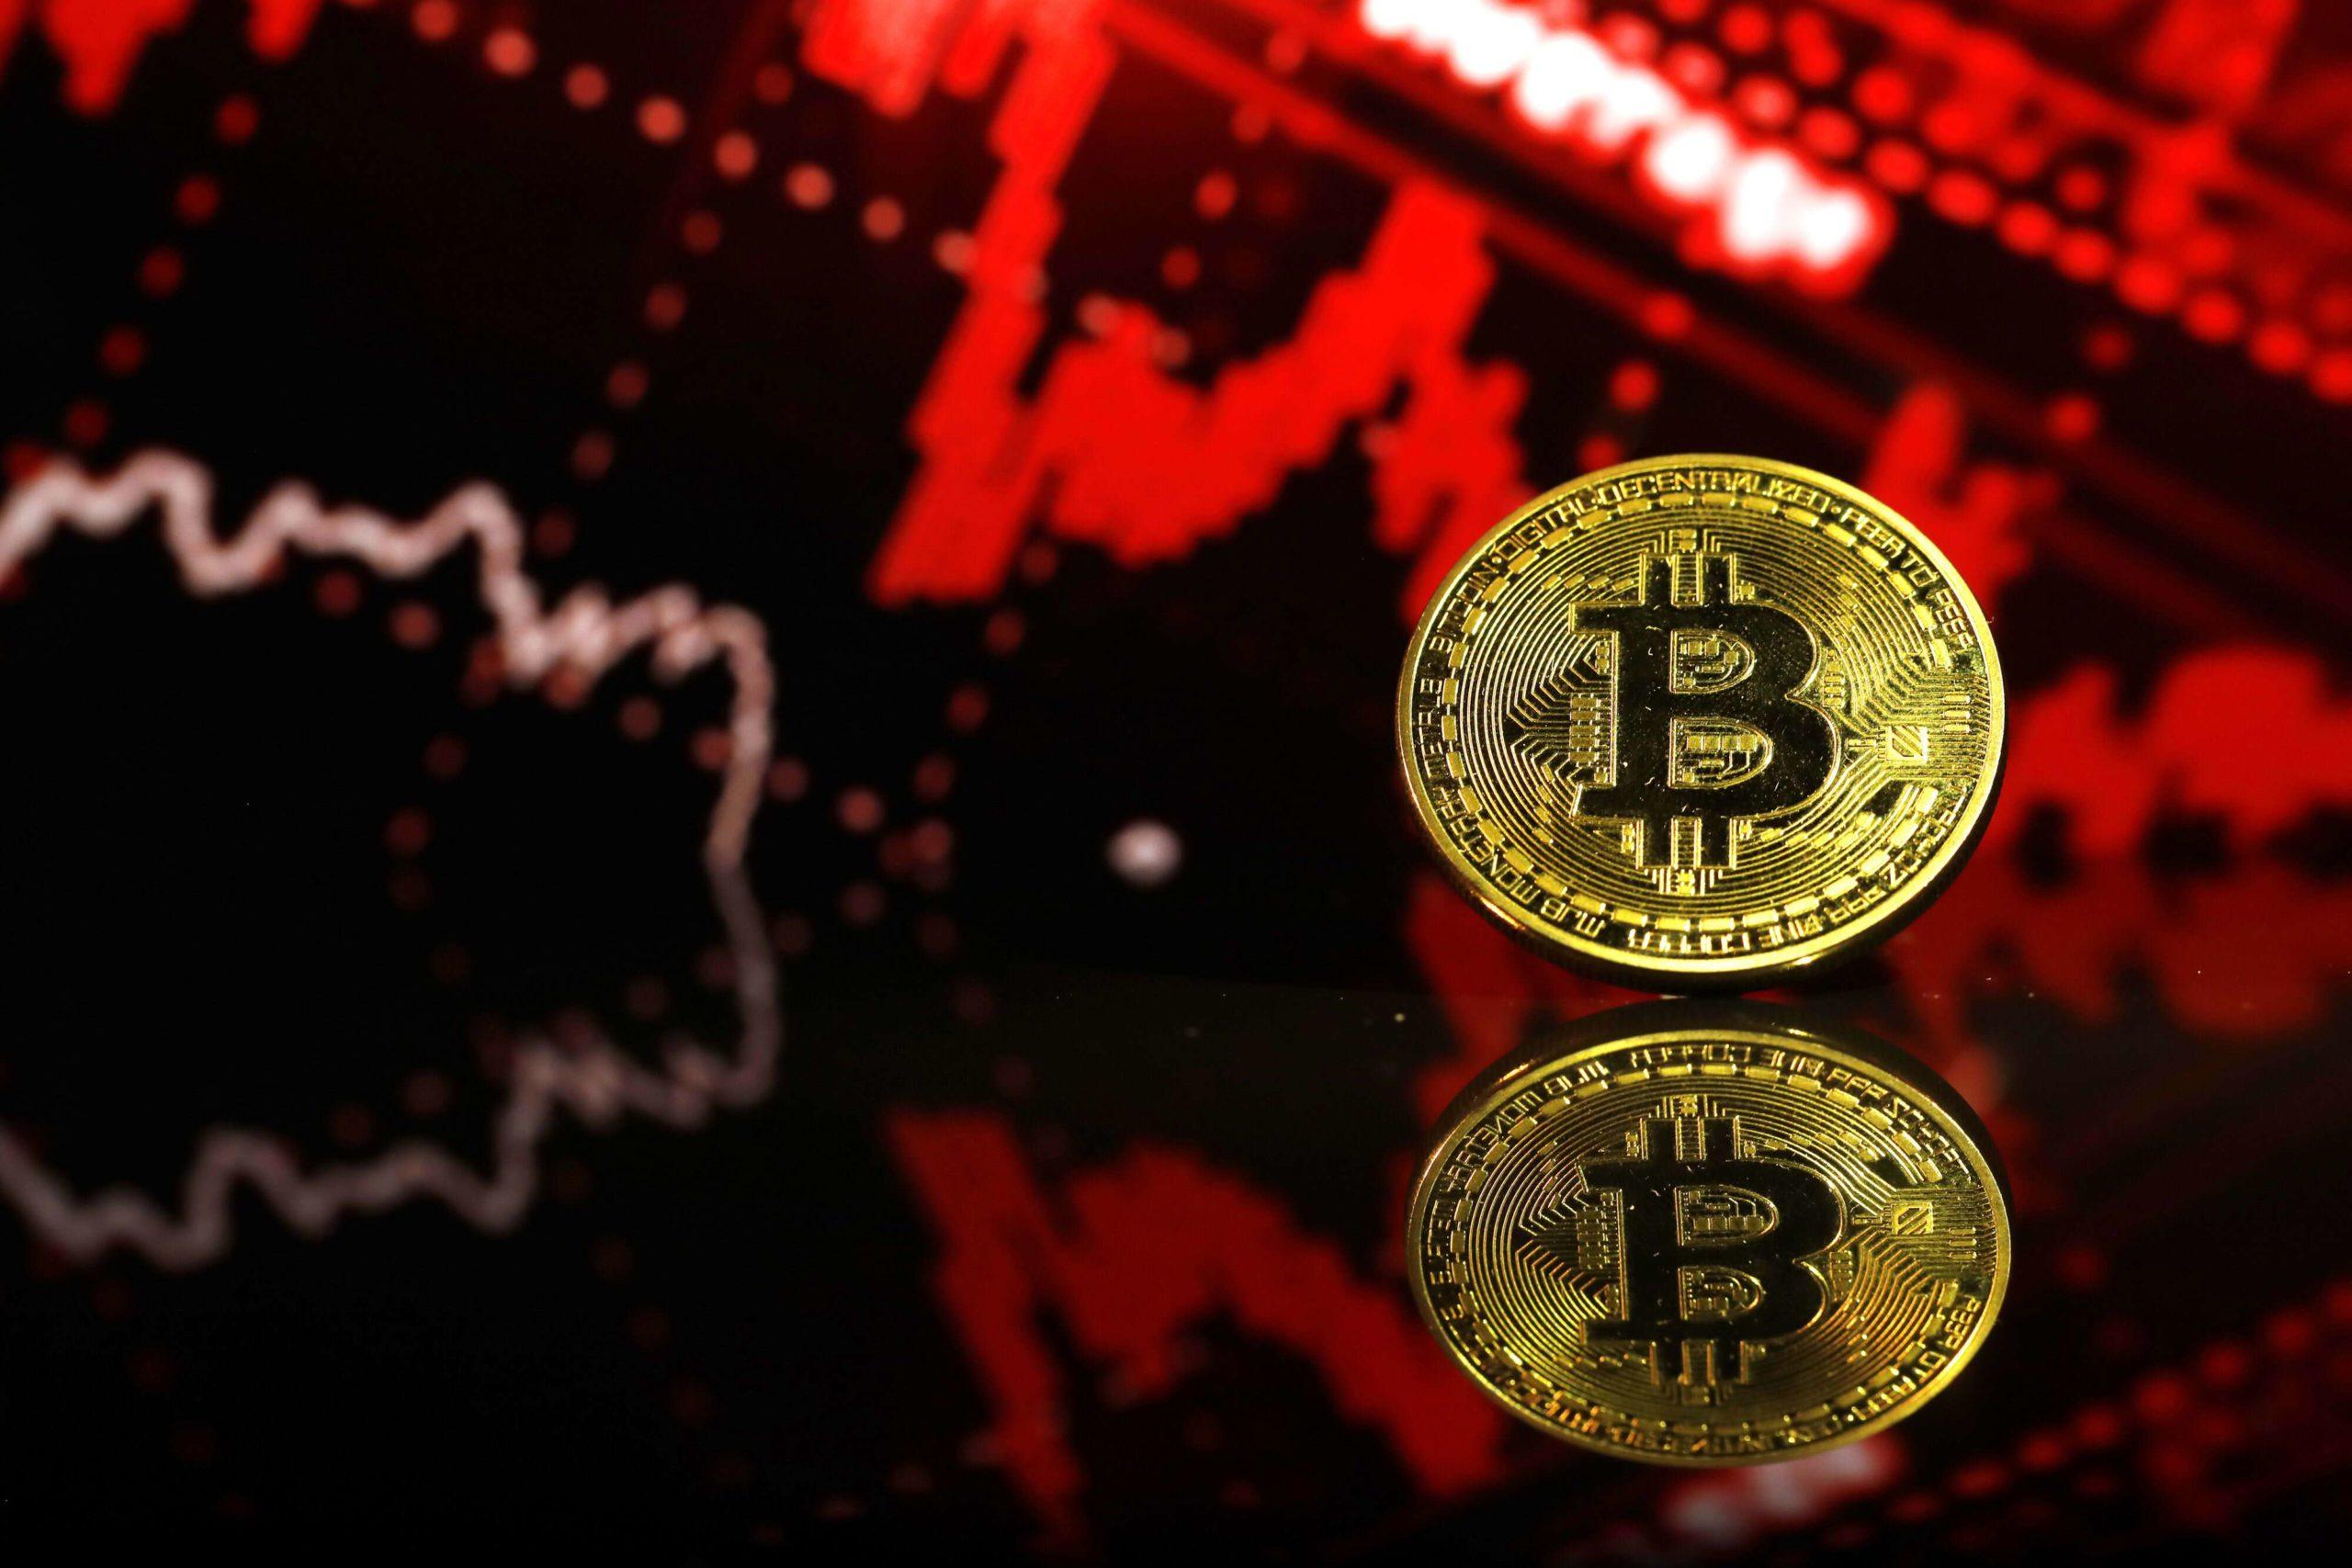 Kripto Para Araştırma Şirketi Uyardı Bitcoin BTC Tasfiyesi Yaşanabilir scaled